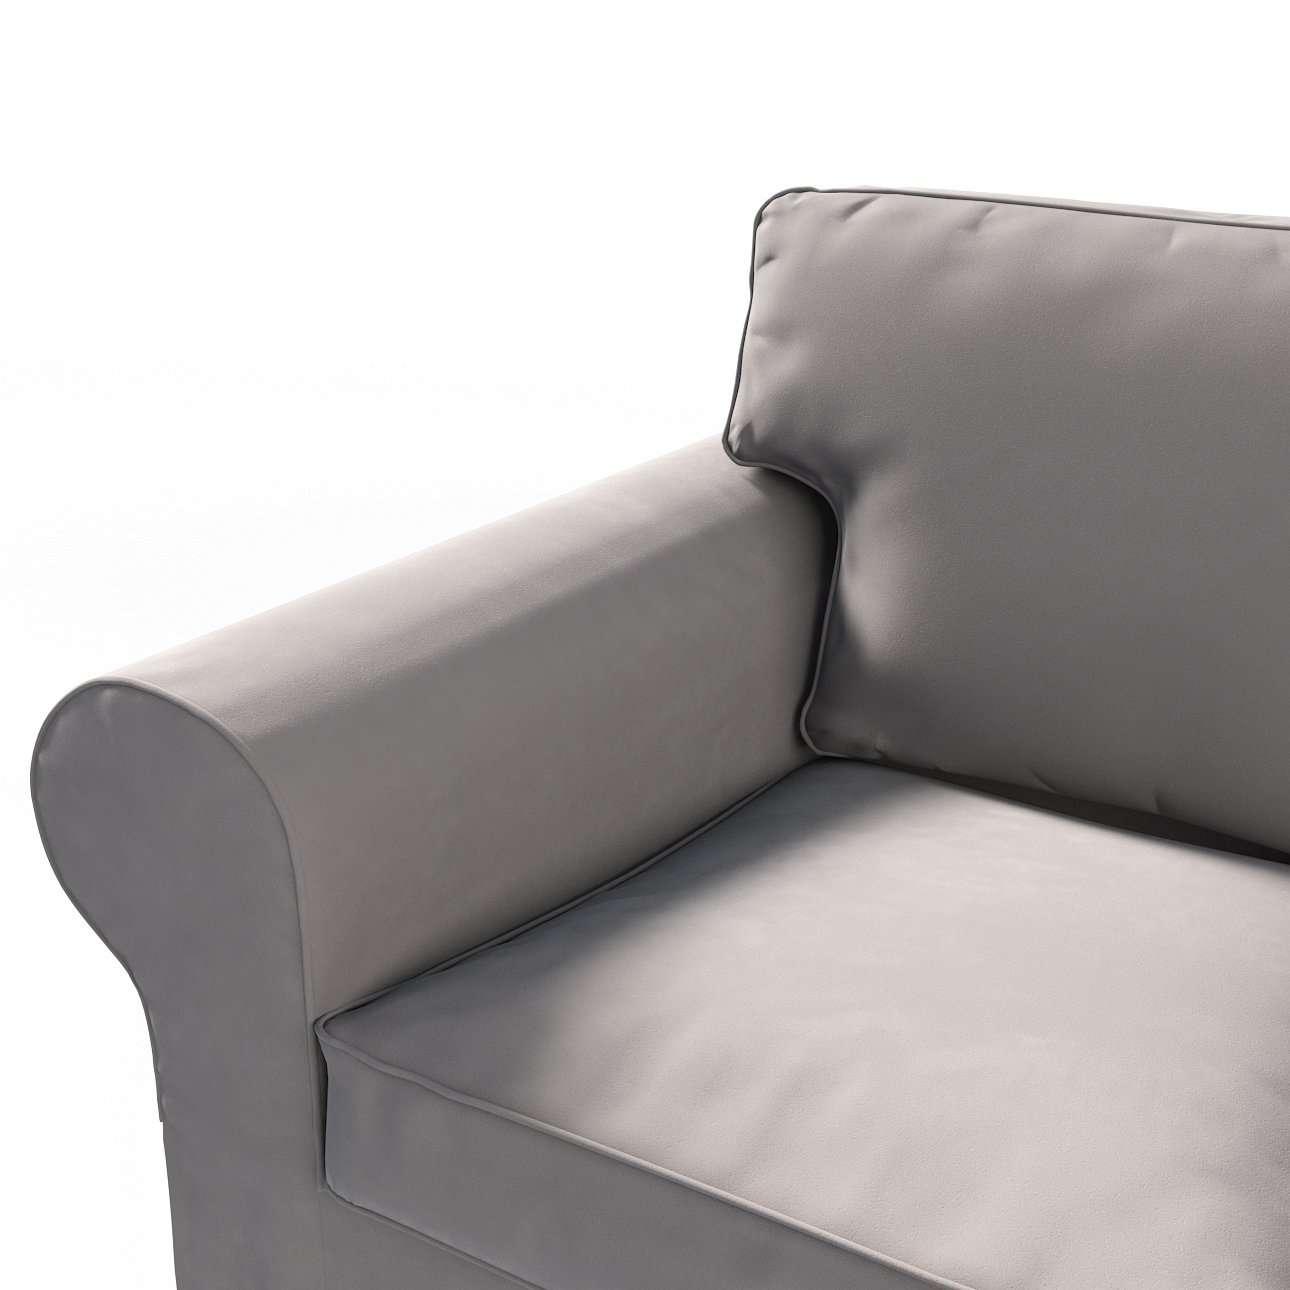 Ektorp trekk 2 seter sovesofa gammel model<br/>Ryggbredde ca 195cm fra kolleksjonen Velvet, Stoffets bredde: 704-11